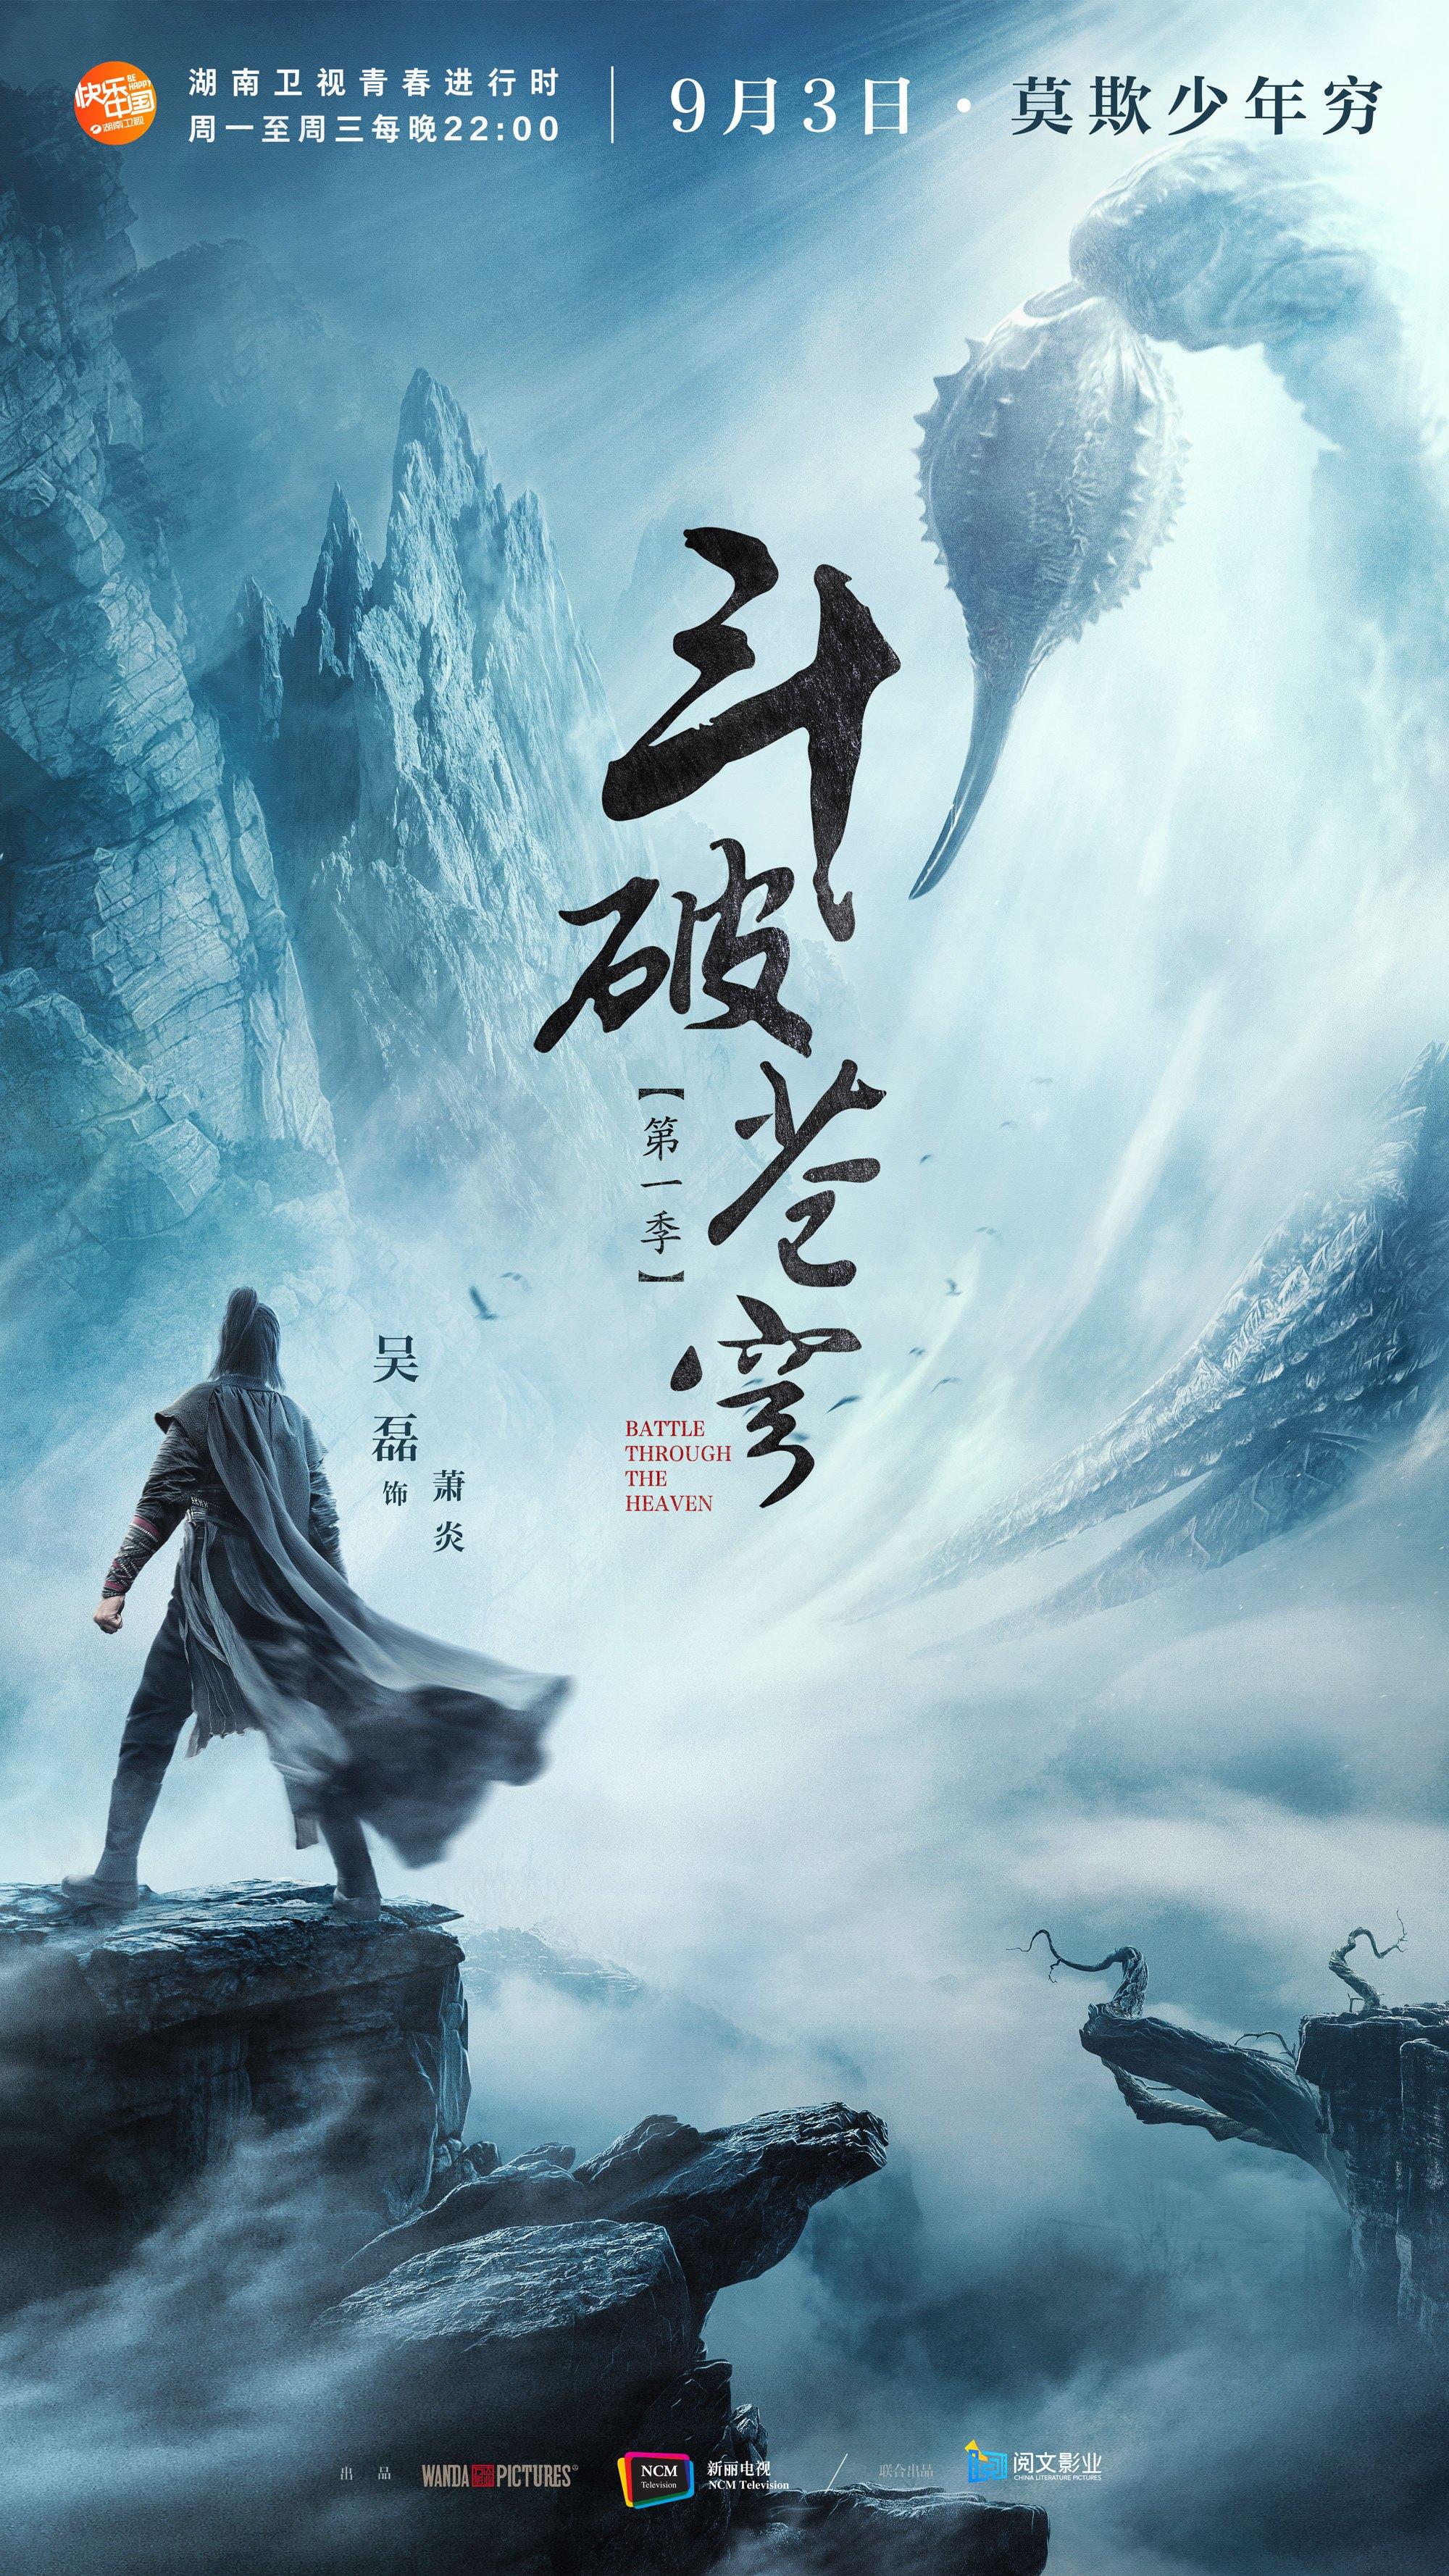 《斗破苍穹》曝故事主题海报 吴磊林允少年红颜热血闯关